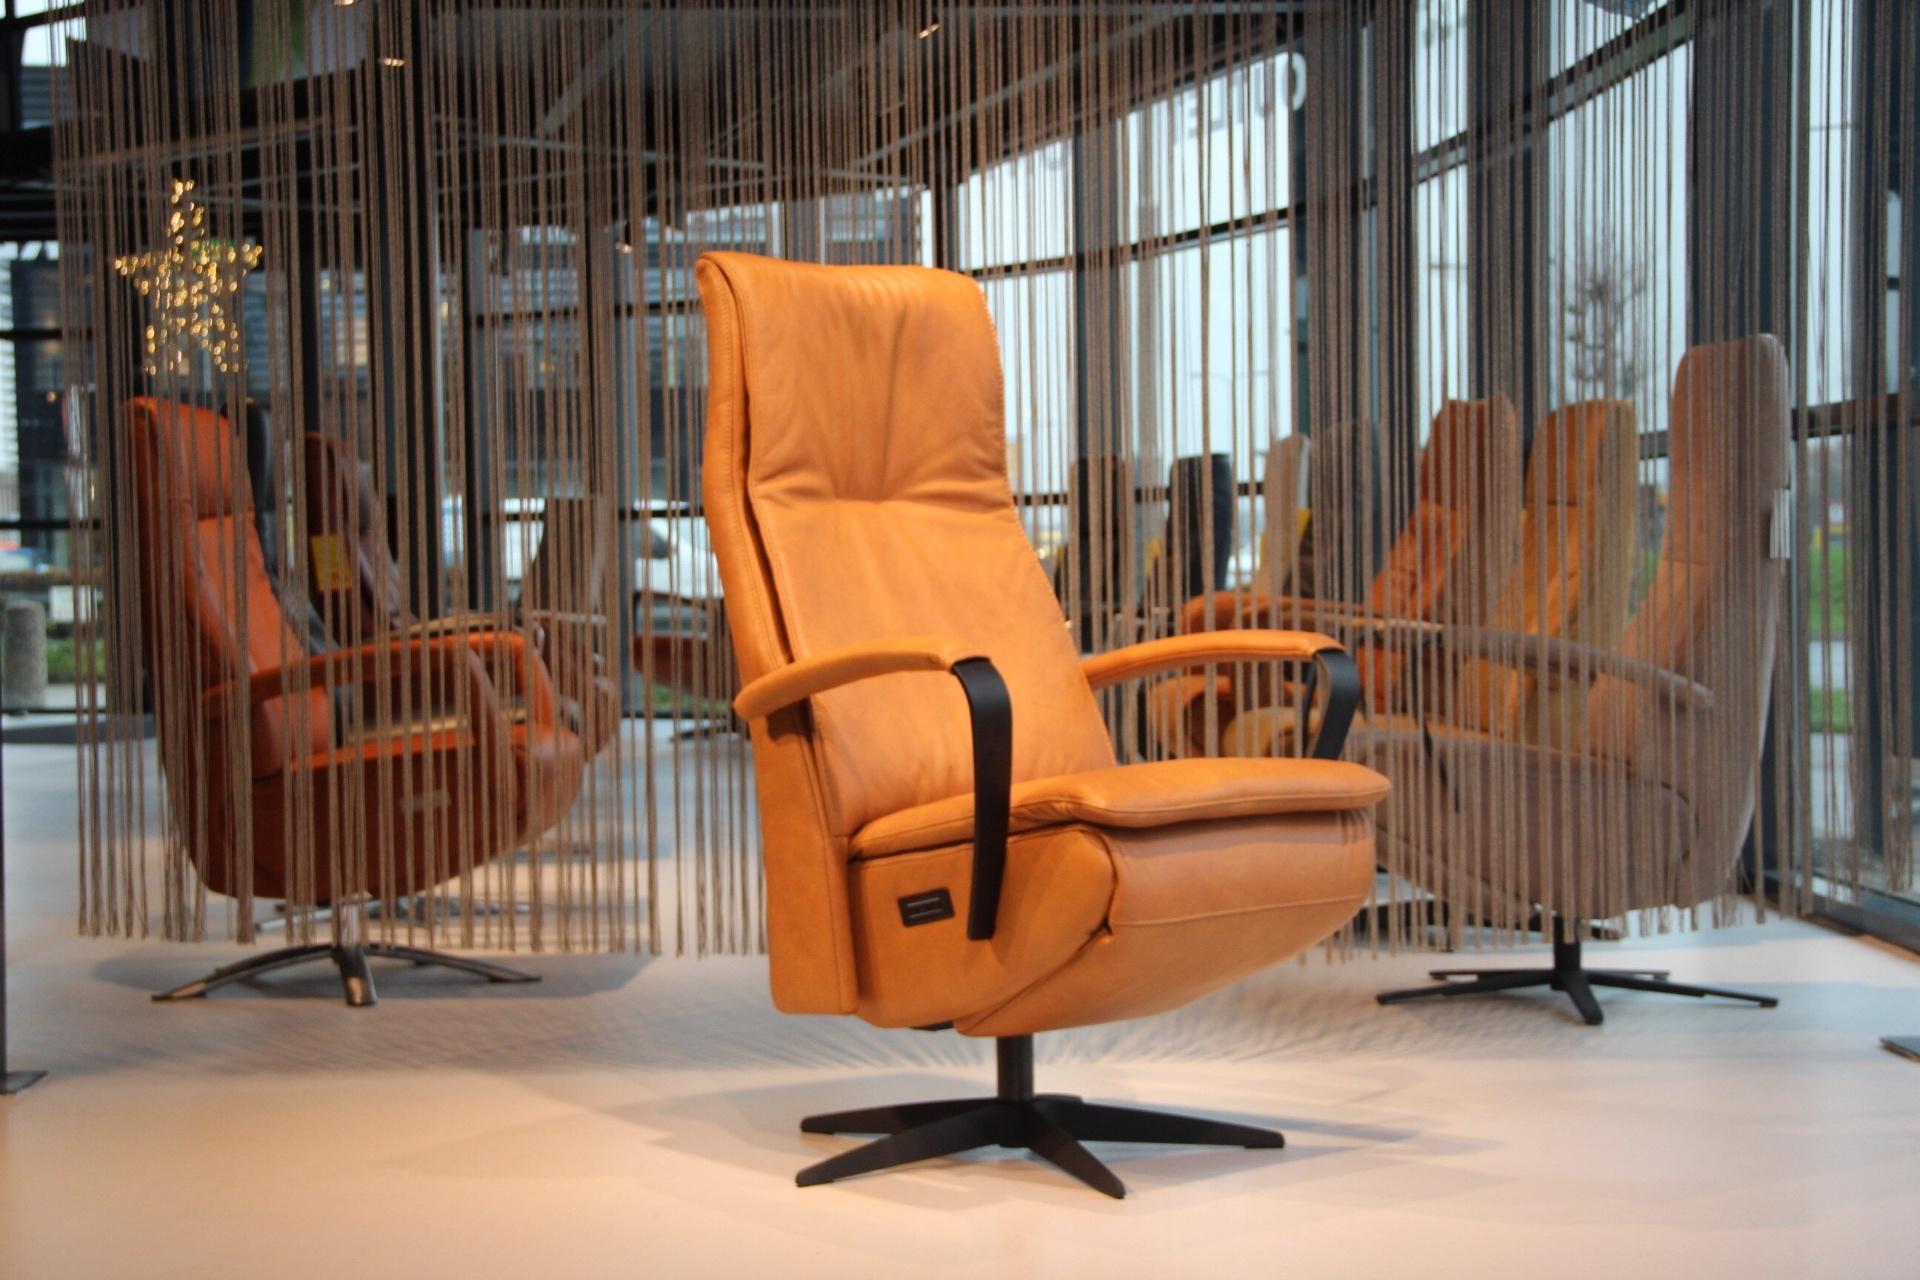 Gealux Twinz 216 leer Cognac elektrisch verstelbaar relaxfauteuil met 3 motoren en accu.